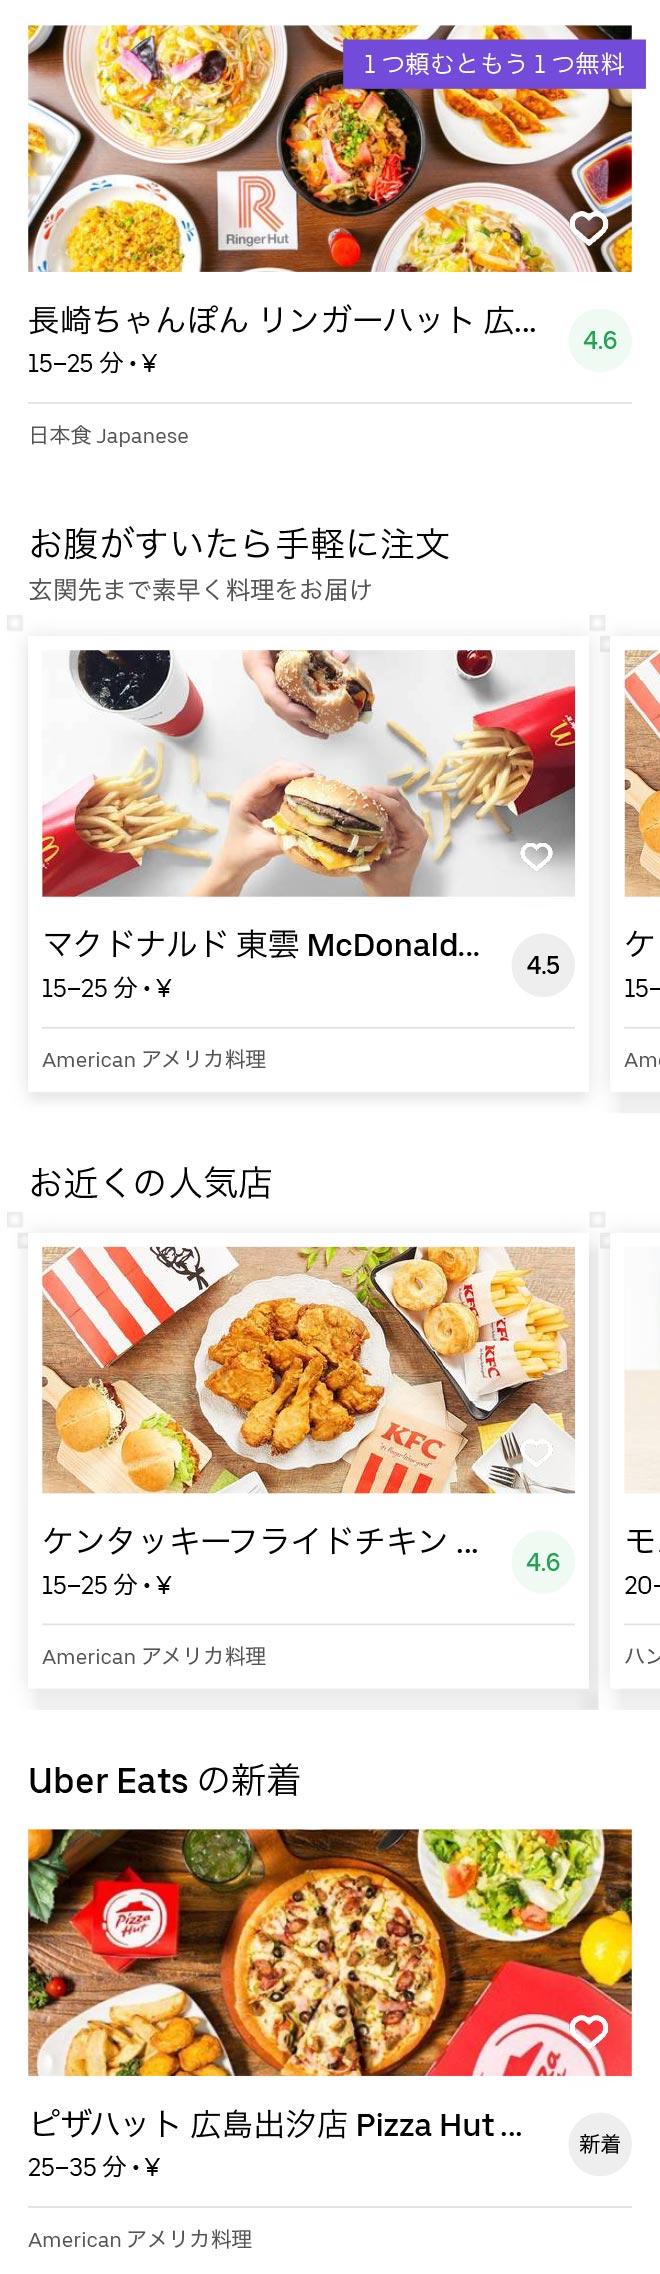 Hiroshima mukainada menu 2005 01